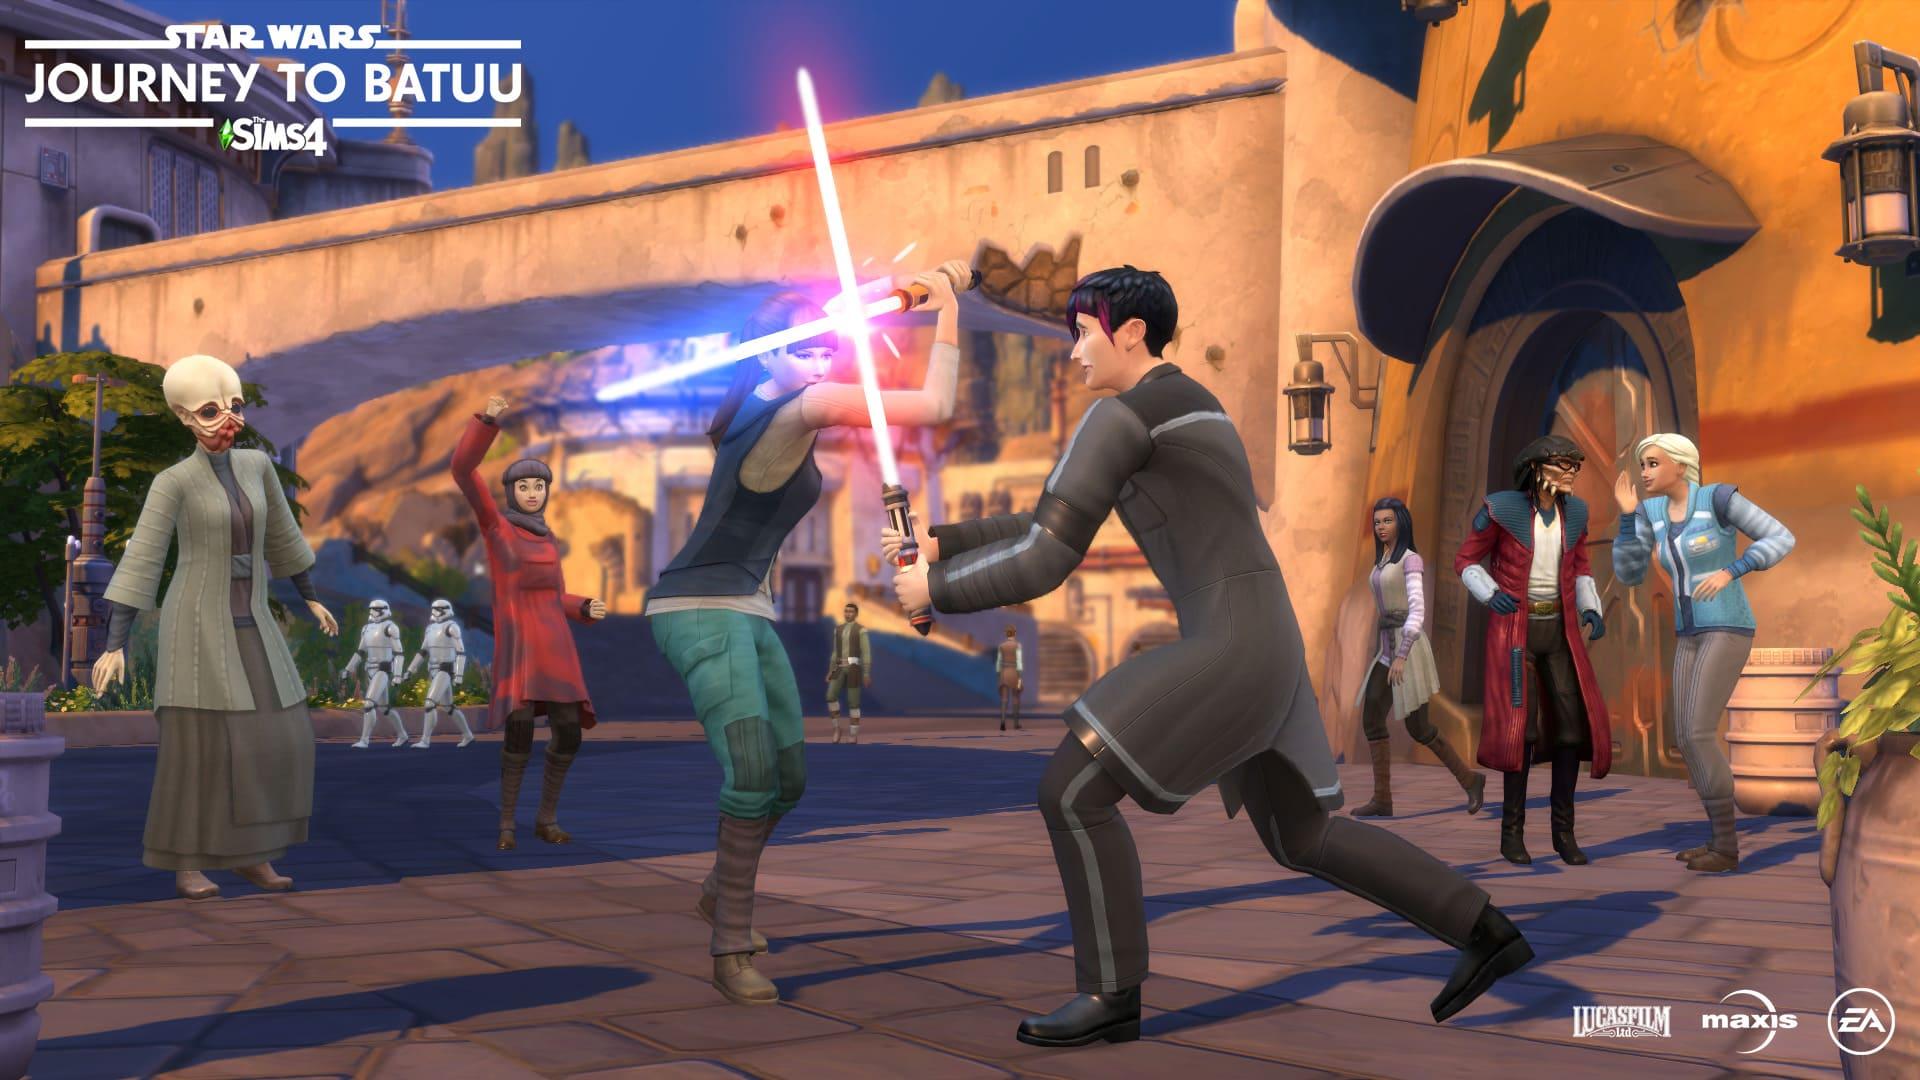 the sims 4 star wars viaggio a batuu informazioni